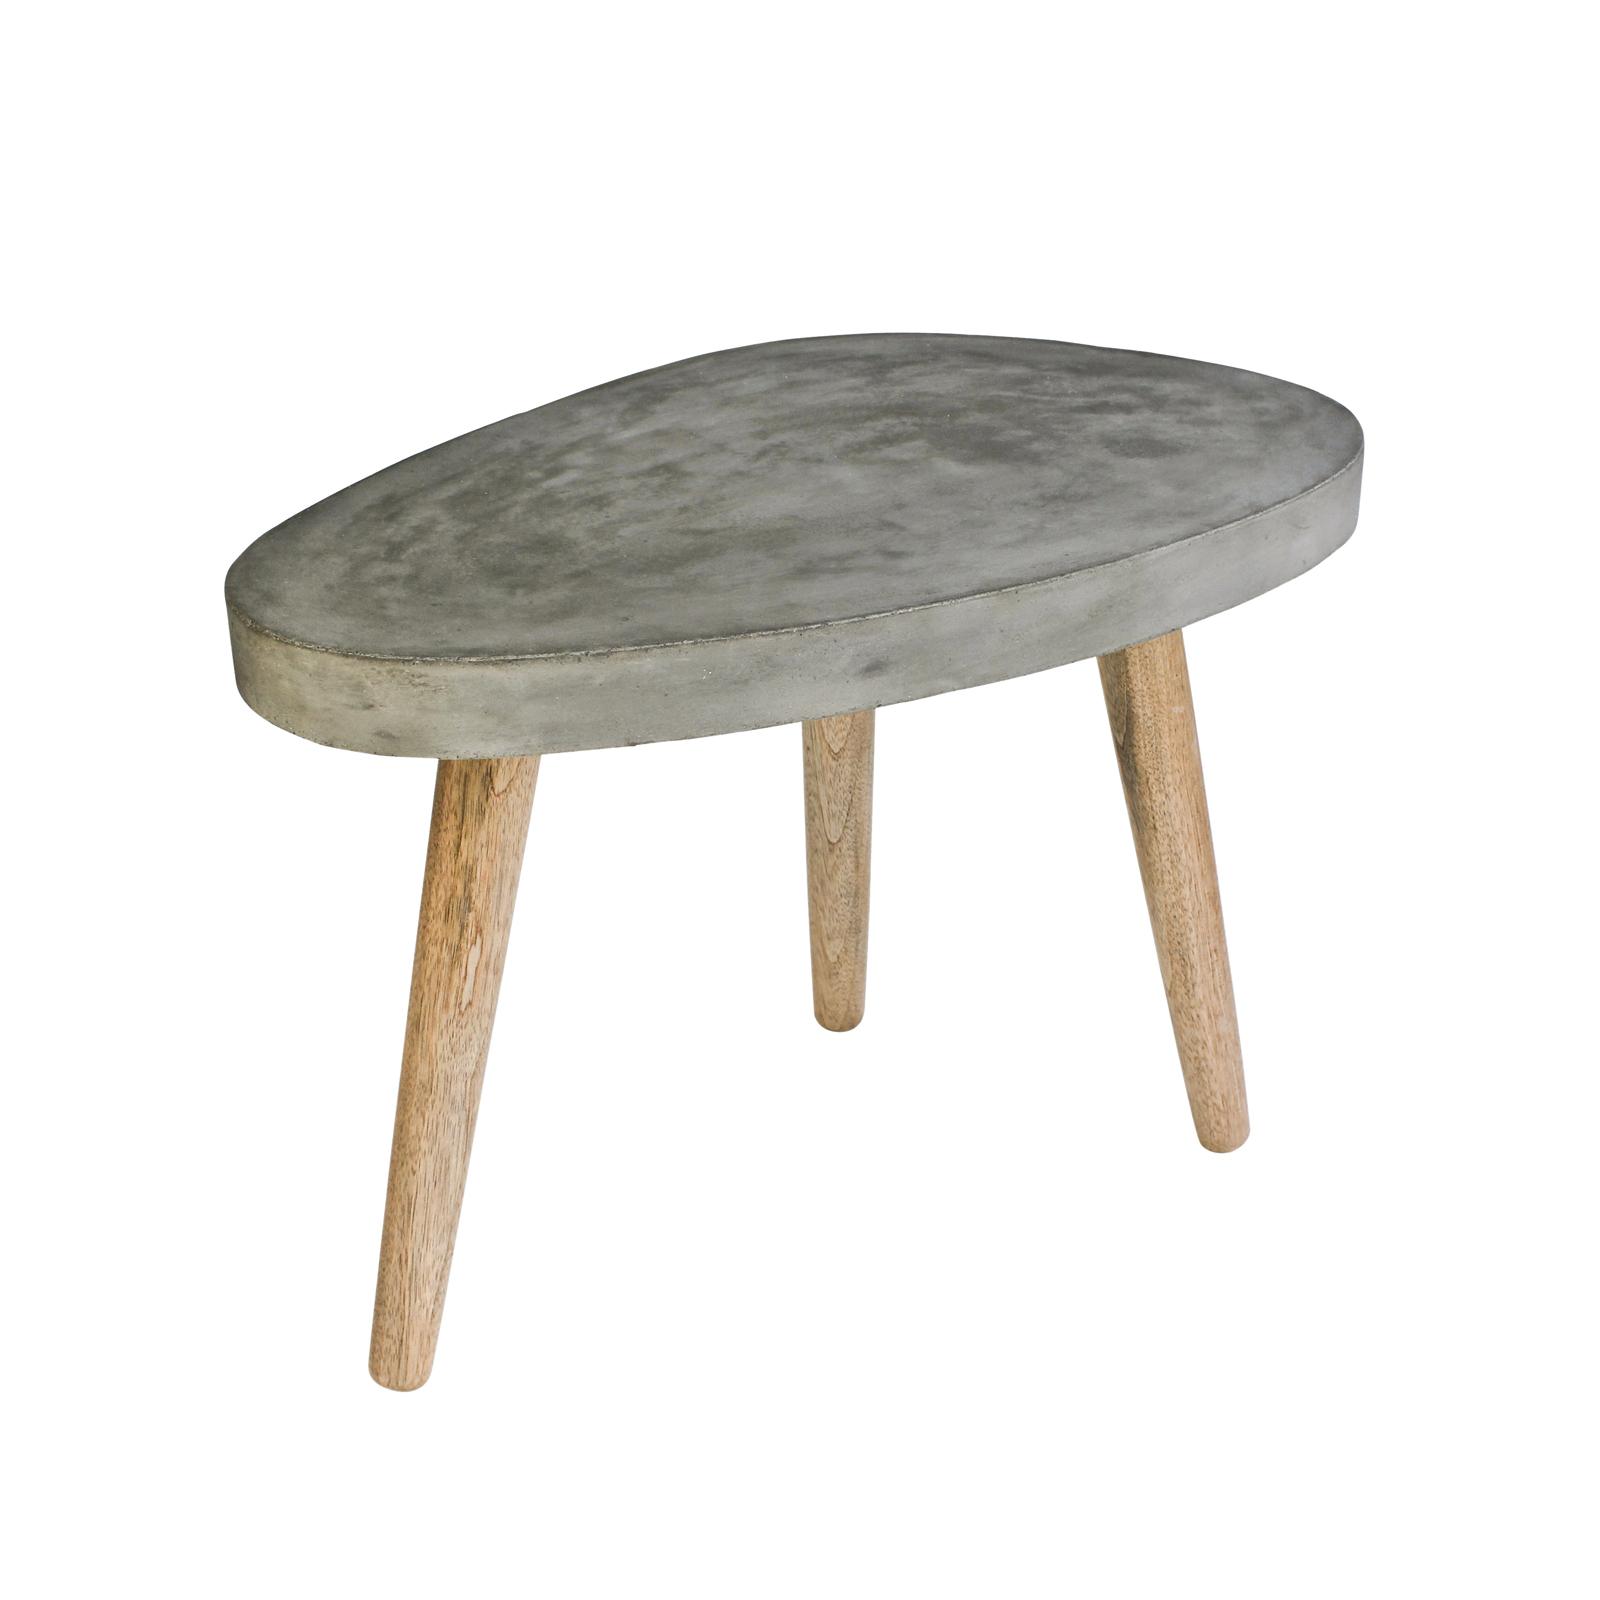 couchtisch 60x37 cm cement tischplatte aus leichtbeton und beine eiche massiv ebay. Black Bedroom Furniture Sets. Home Design Ideas